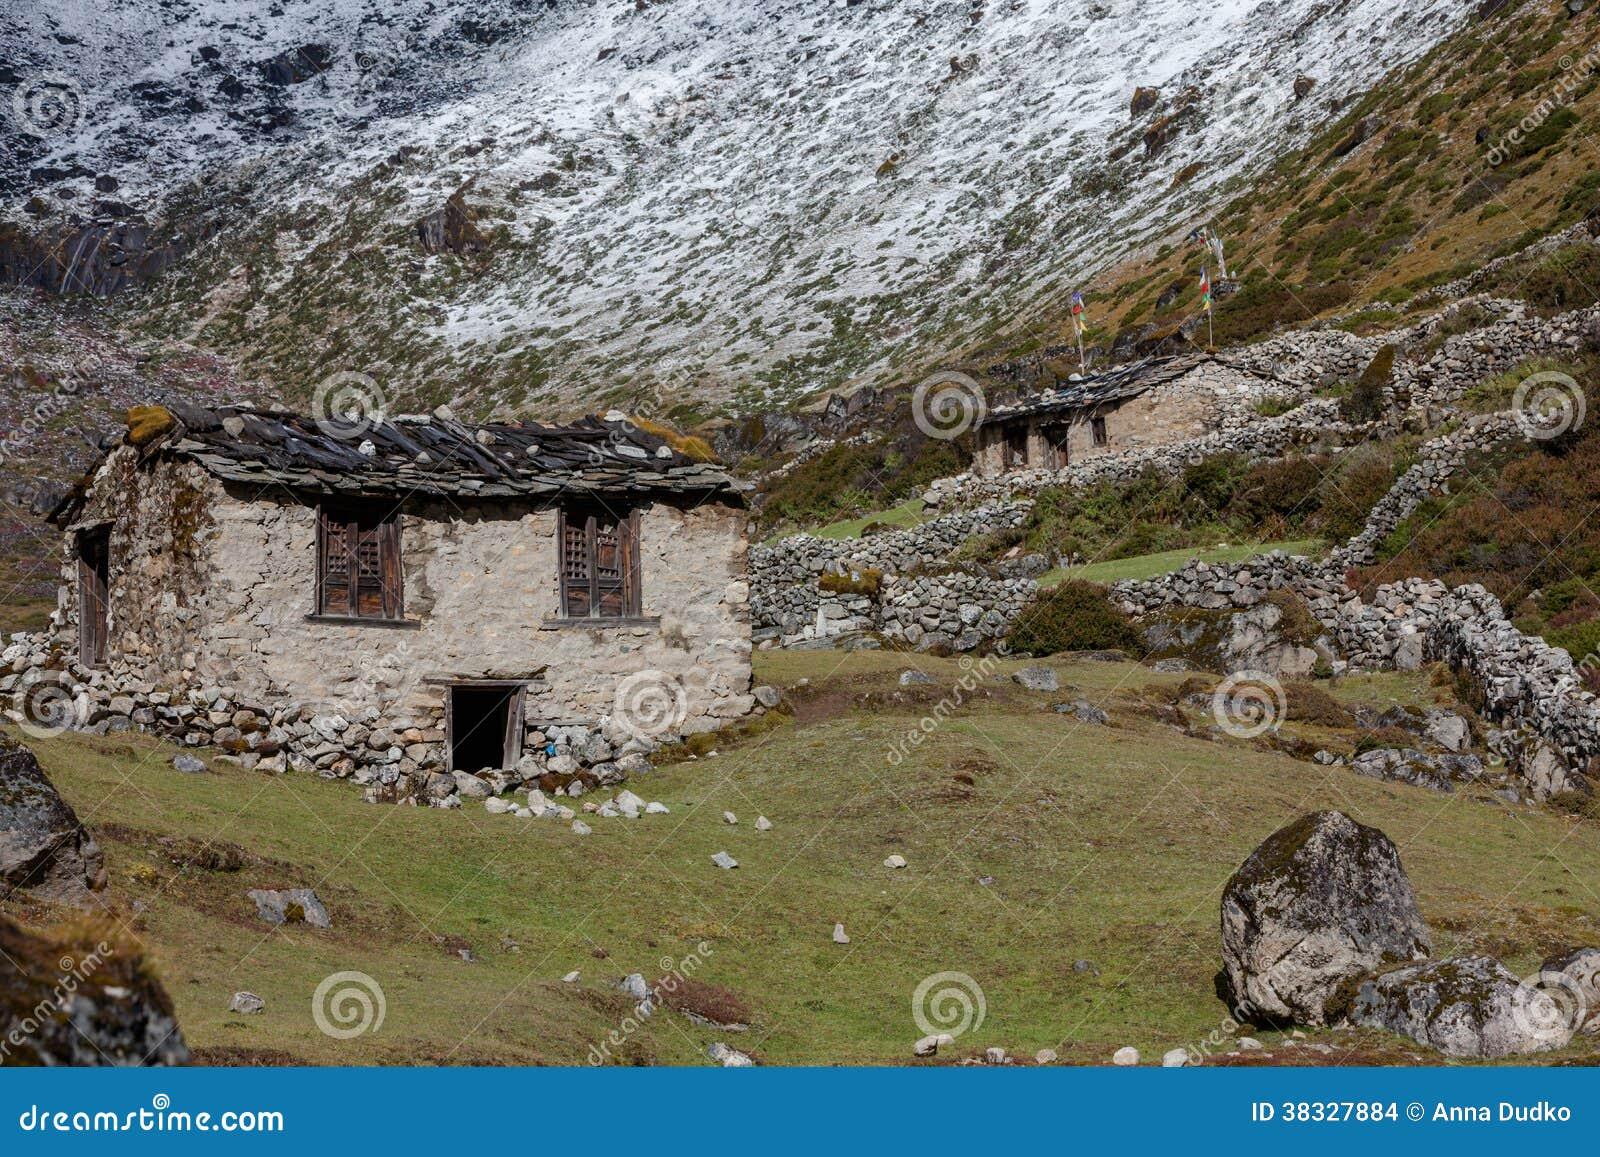 Vieilles maisons n palaises en pierre dans hymalayas for Vieille maison en pierre